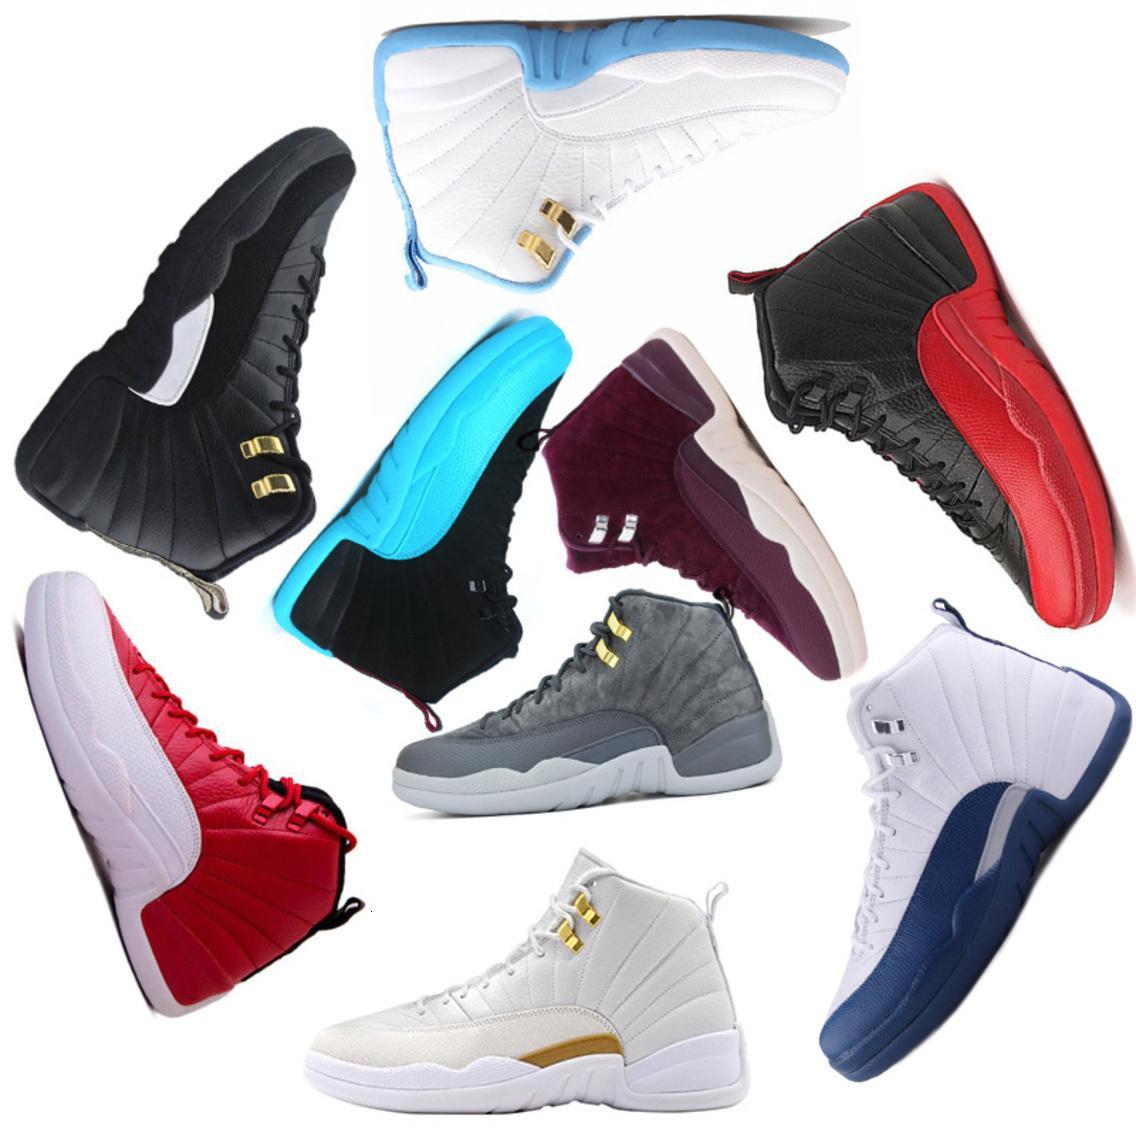 erkekler için toptan yeni basketbol ayakkabıları 12 12s Bordo Koyu Gri yün beyaz Grip Oyun UNC Spor taksi atletizm erkekler Spor eğitmen kırmızı